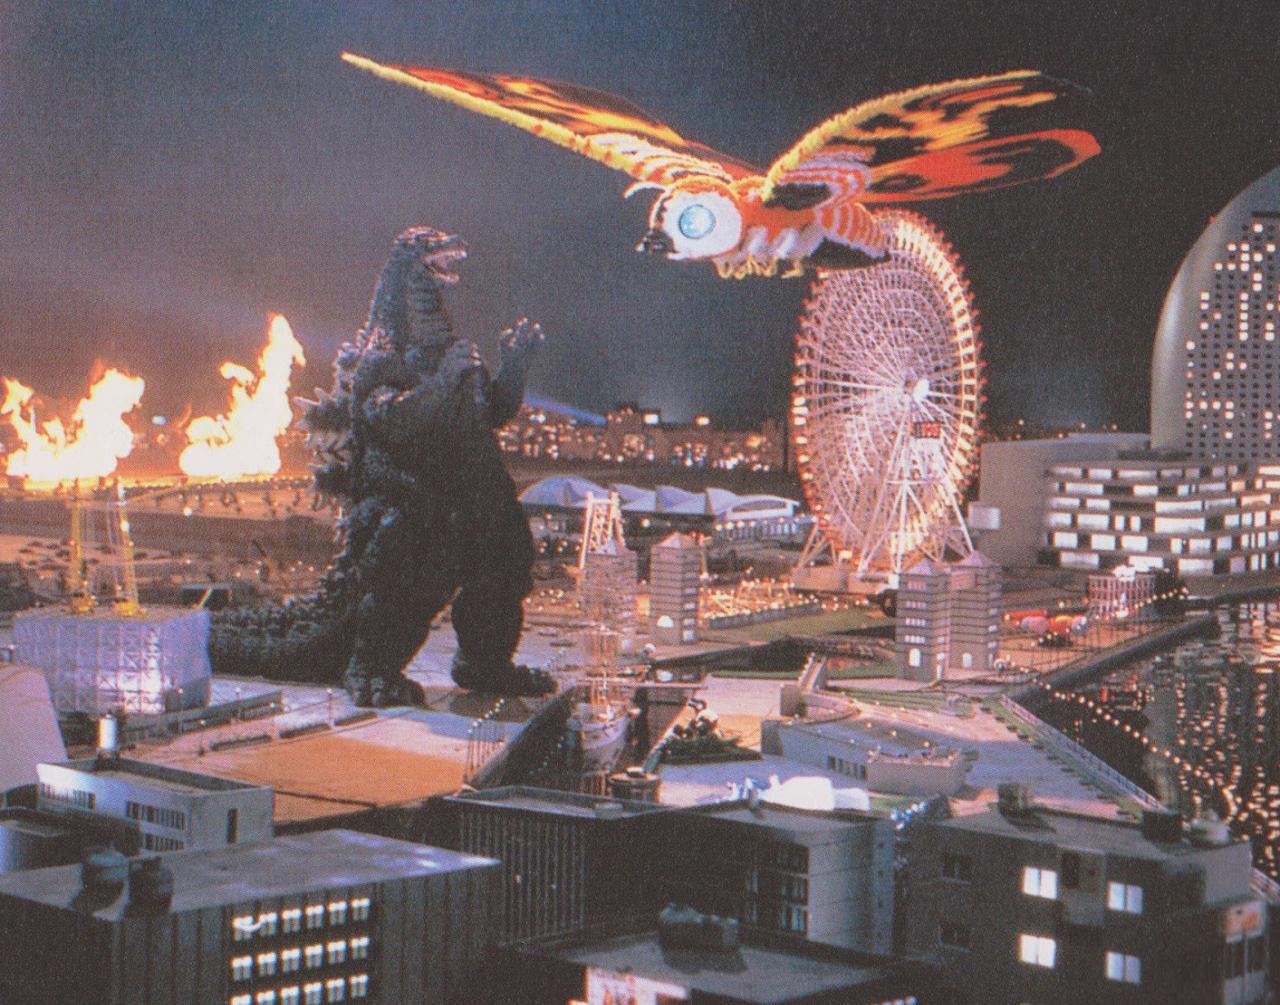 Godzilla fights Mothra in Yokohama in the 1992 movie.